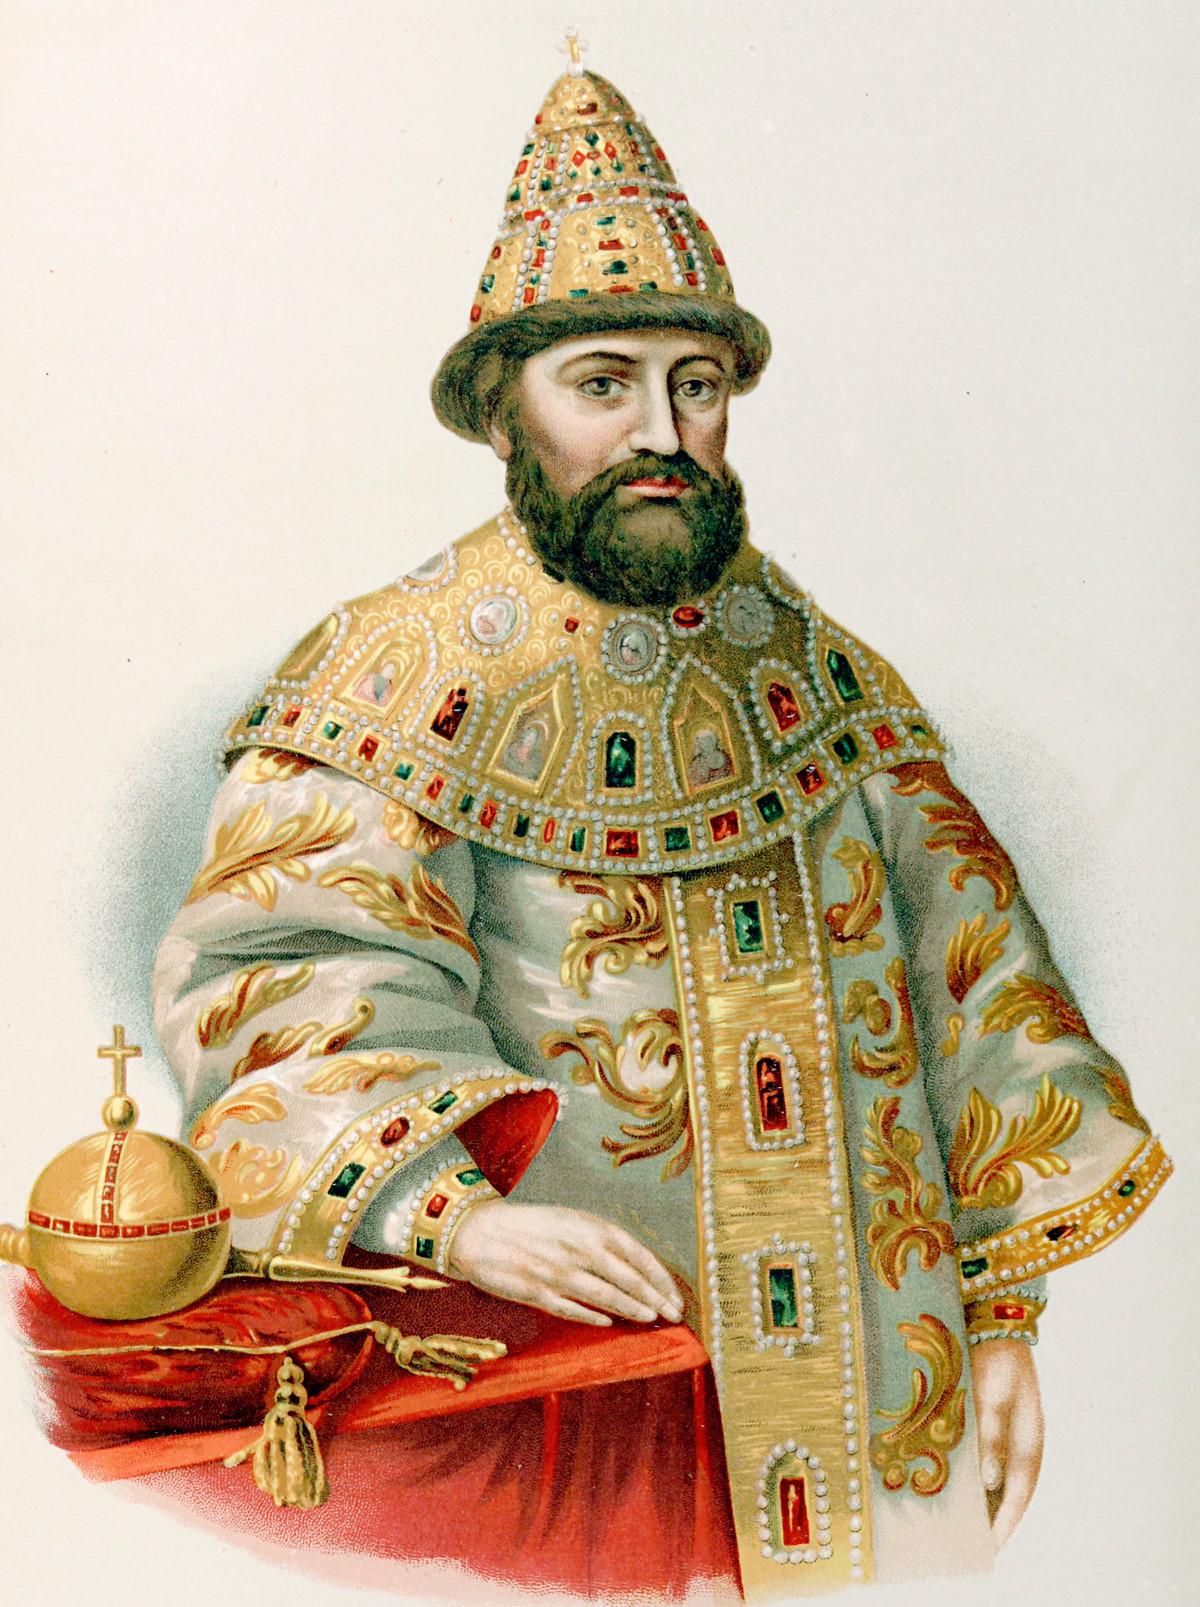 Михаил Фјодорович (12. јул 1596 – 13. јул 1645), први руски цар династије Романов.